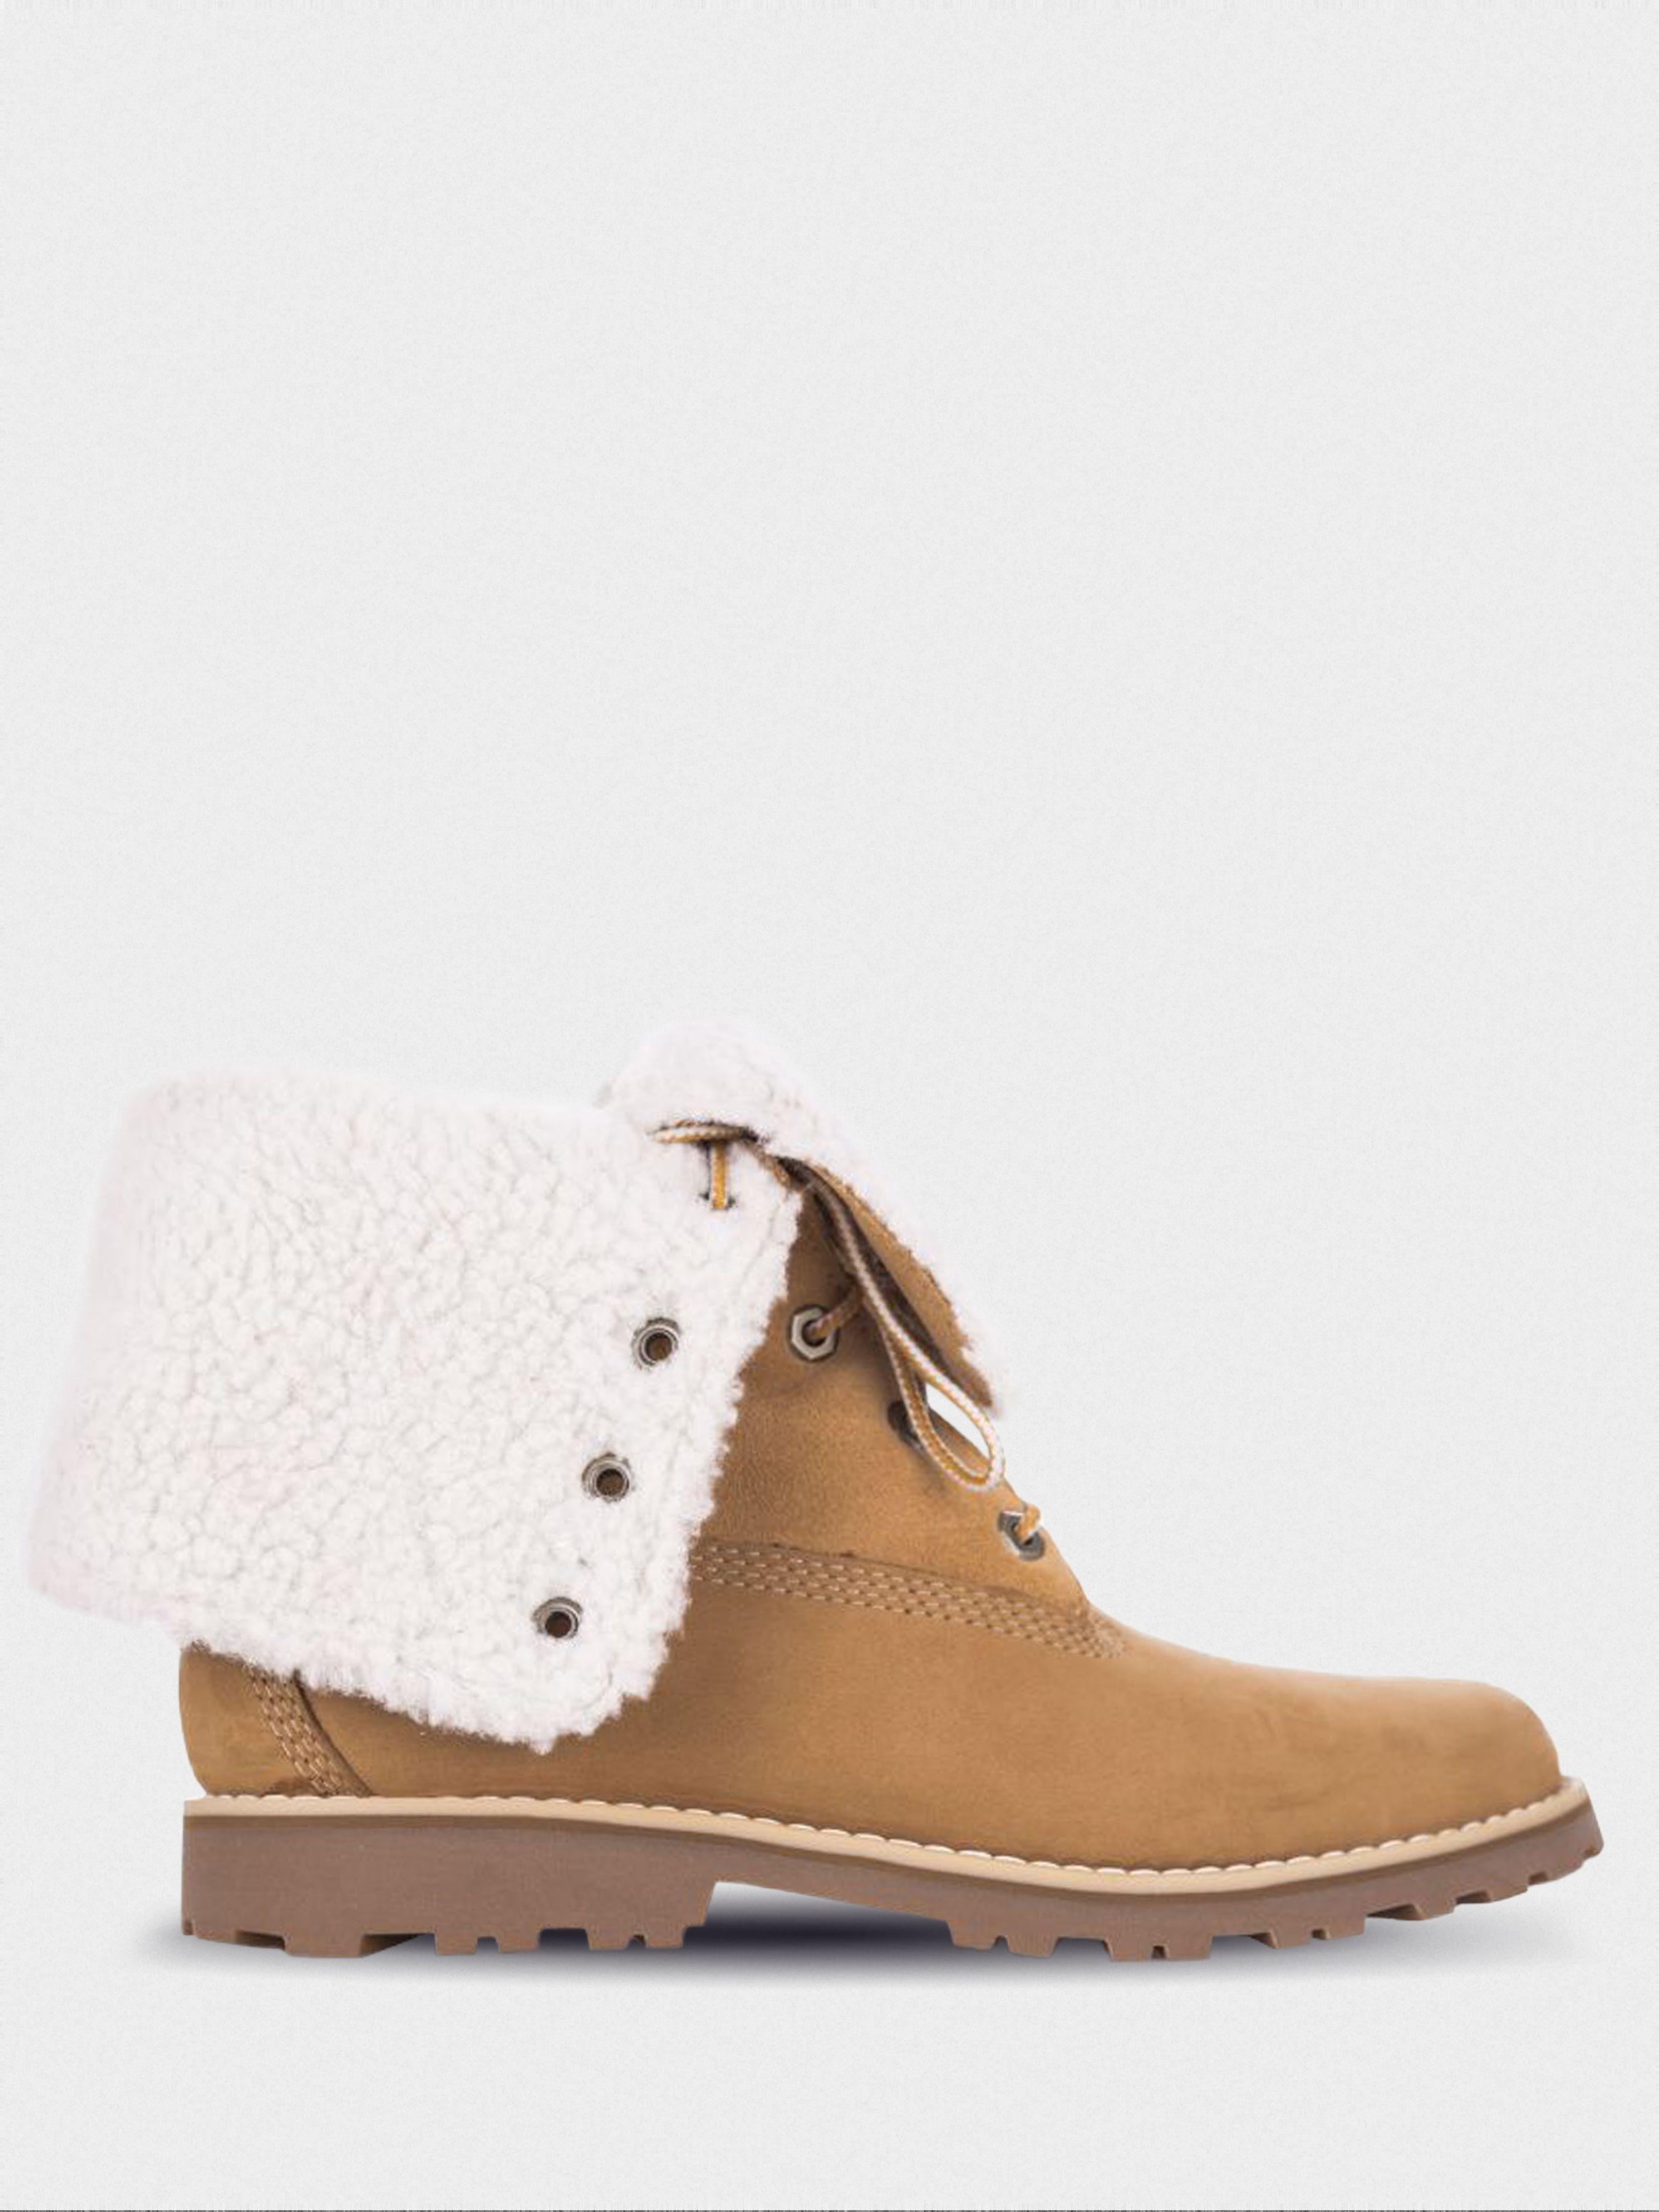 Ботинки детские Timberland TBL AUTHENTICS 6IN WPF BOOT TL1339 брендовая обувь, 2017